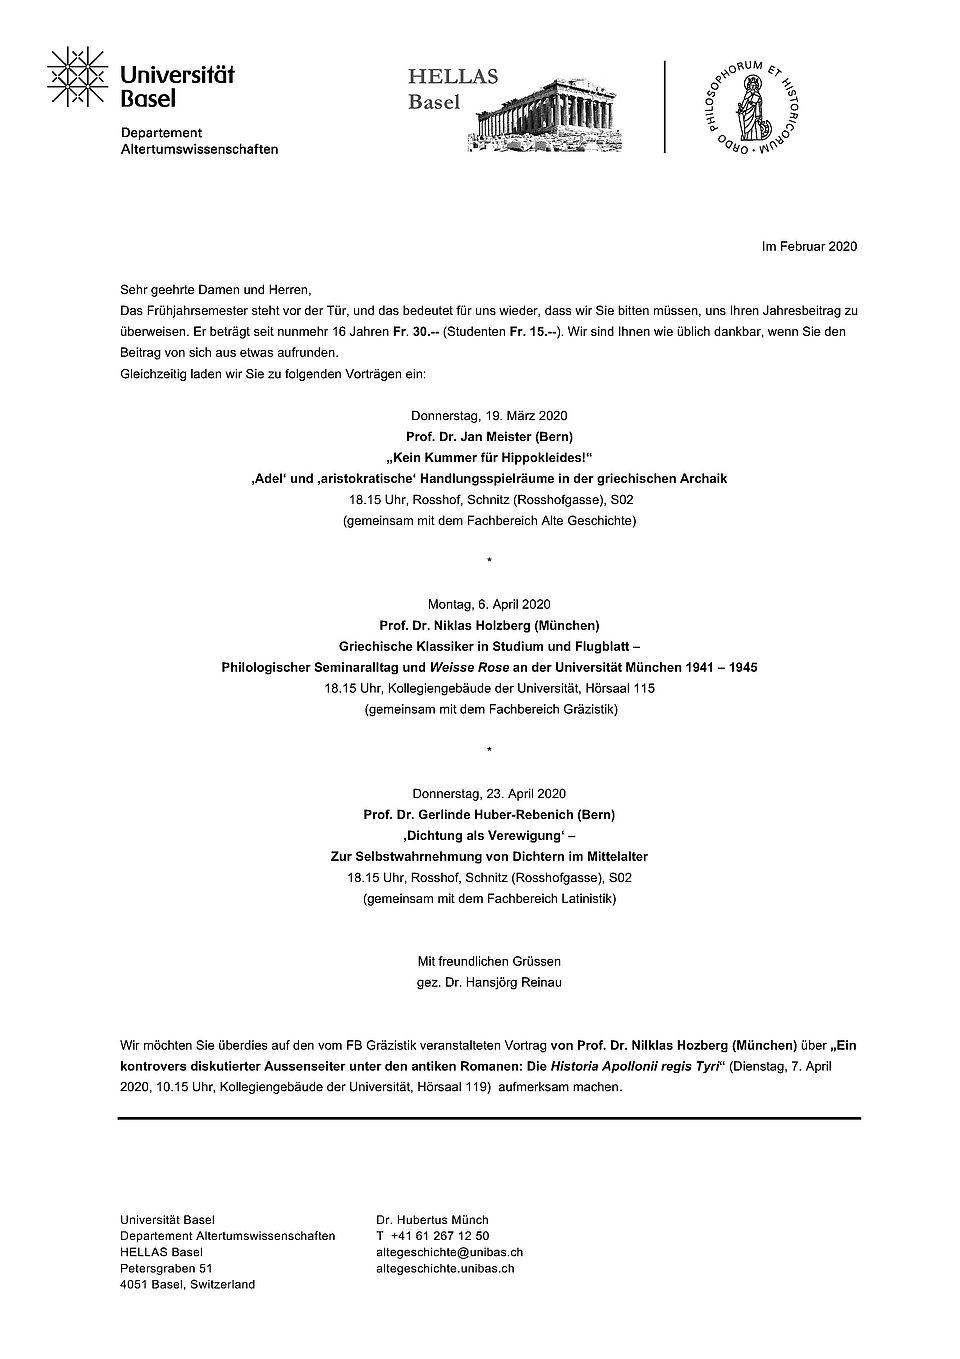 Programm HELLAS FS20